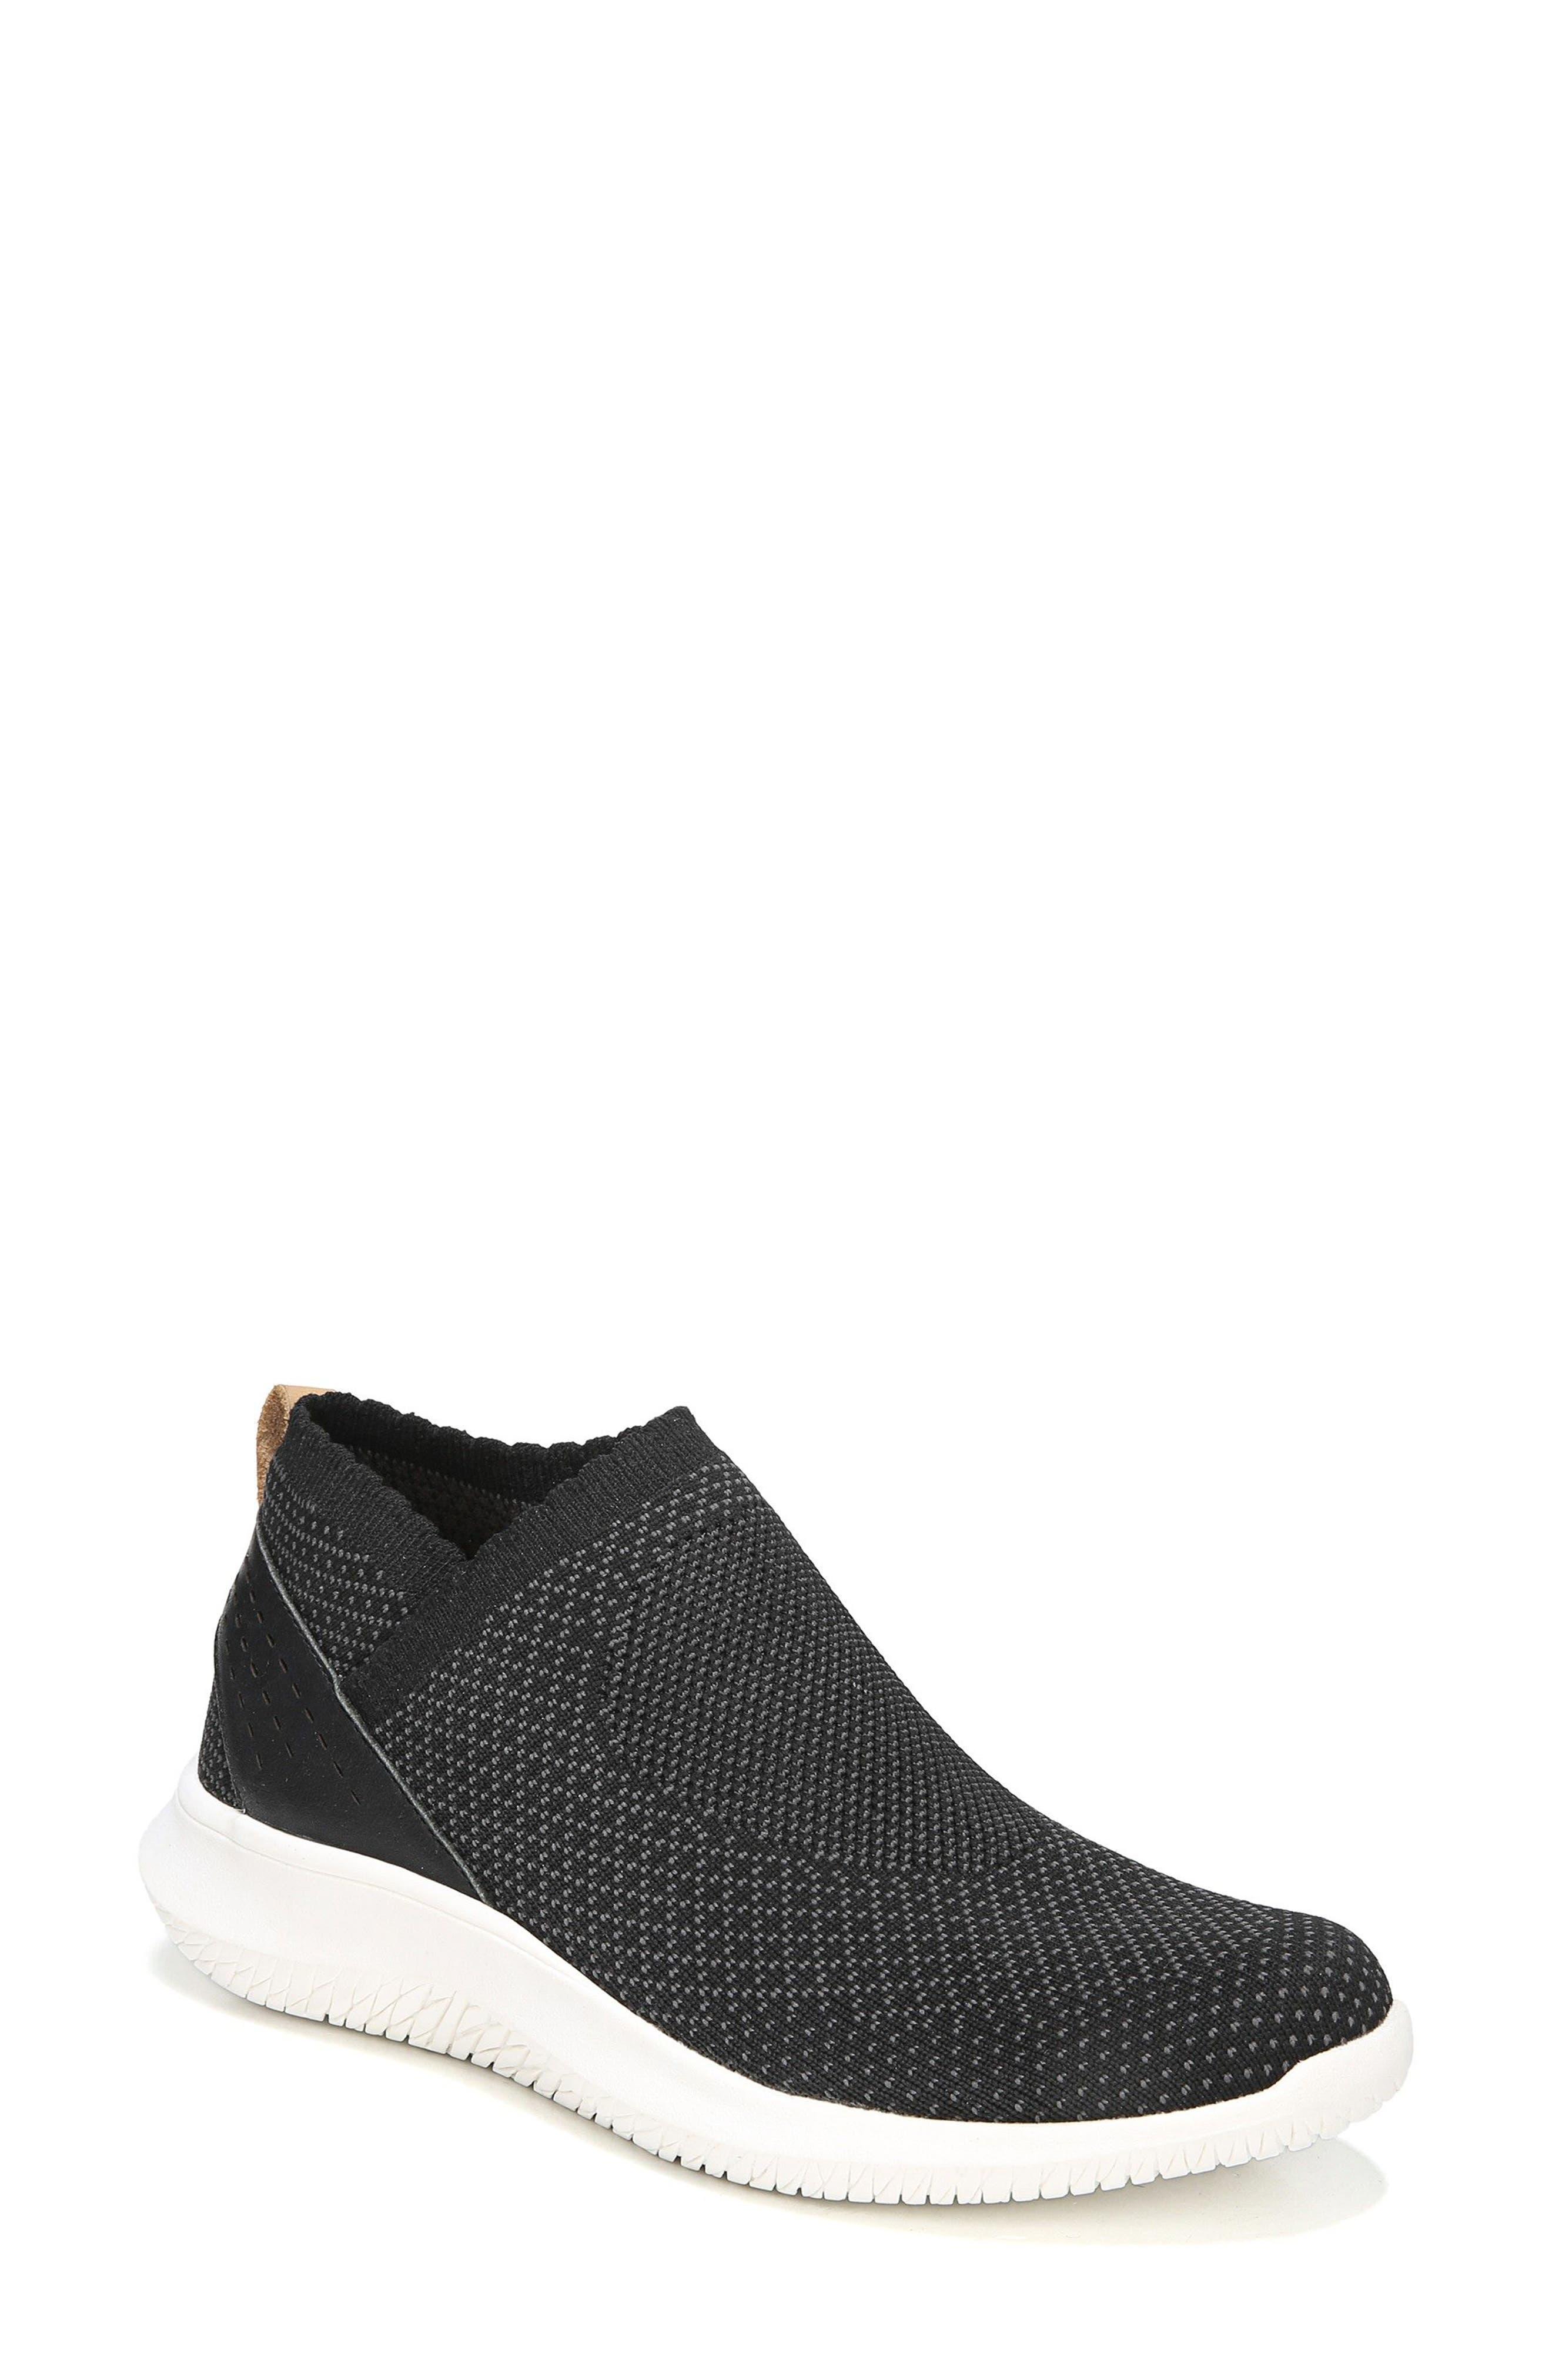 Fierce Knit Slip-On Sneaker,                         Main,                         color, BLACK KNIT FABRIC